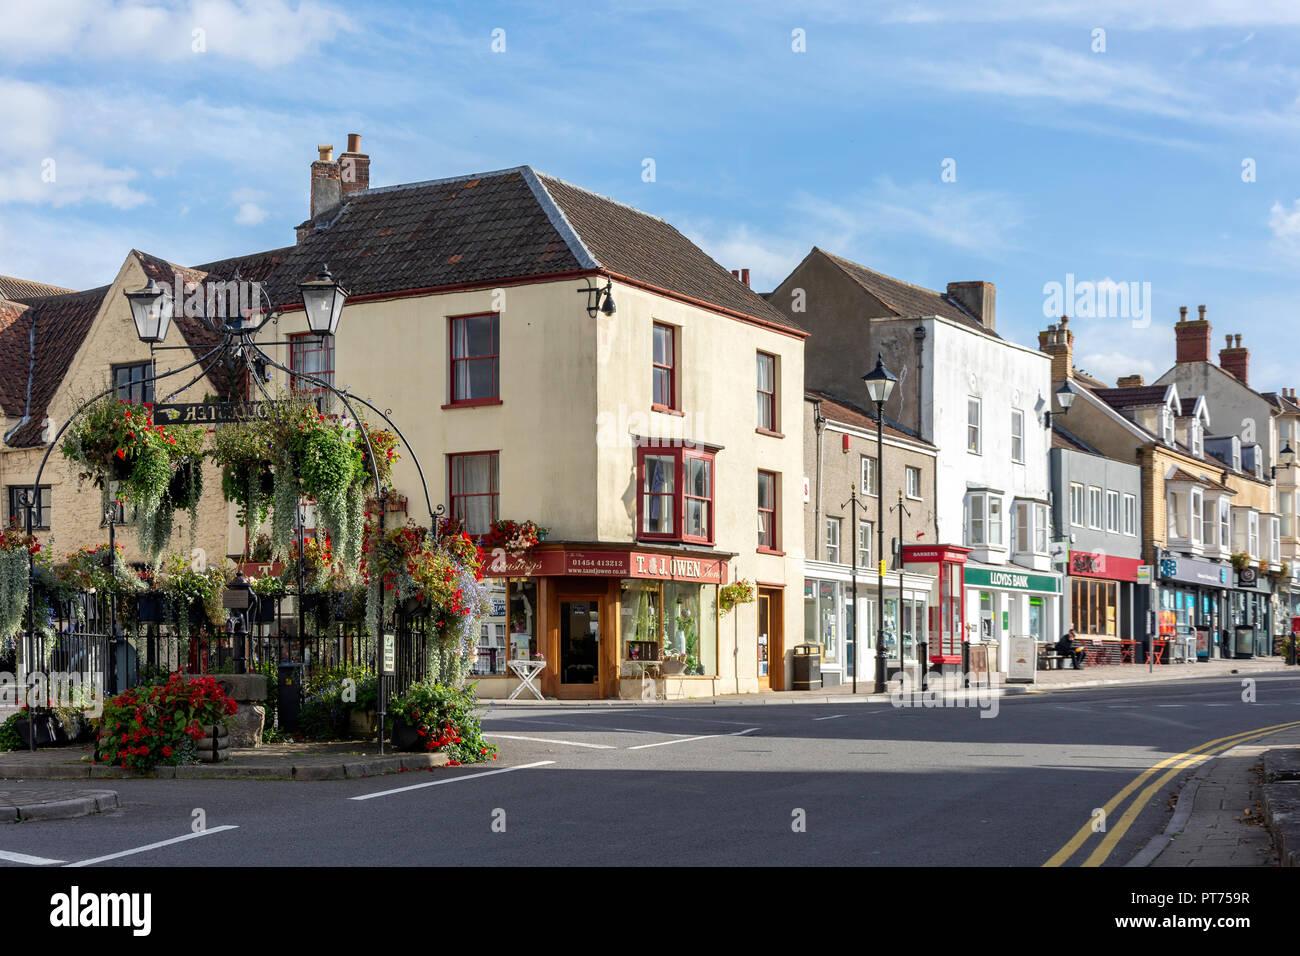 High Street, Thornbury, Gloucestershire, England, United Kingdom - Stock Image